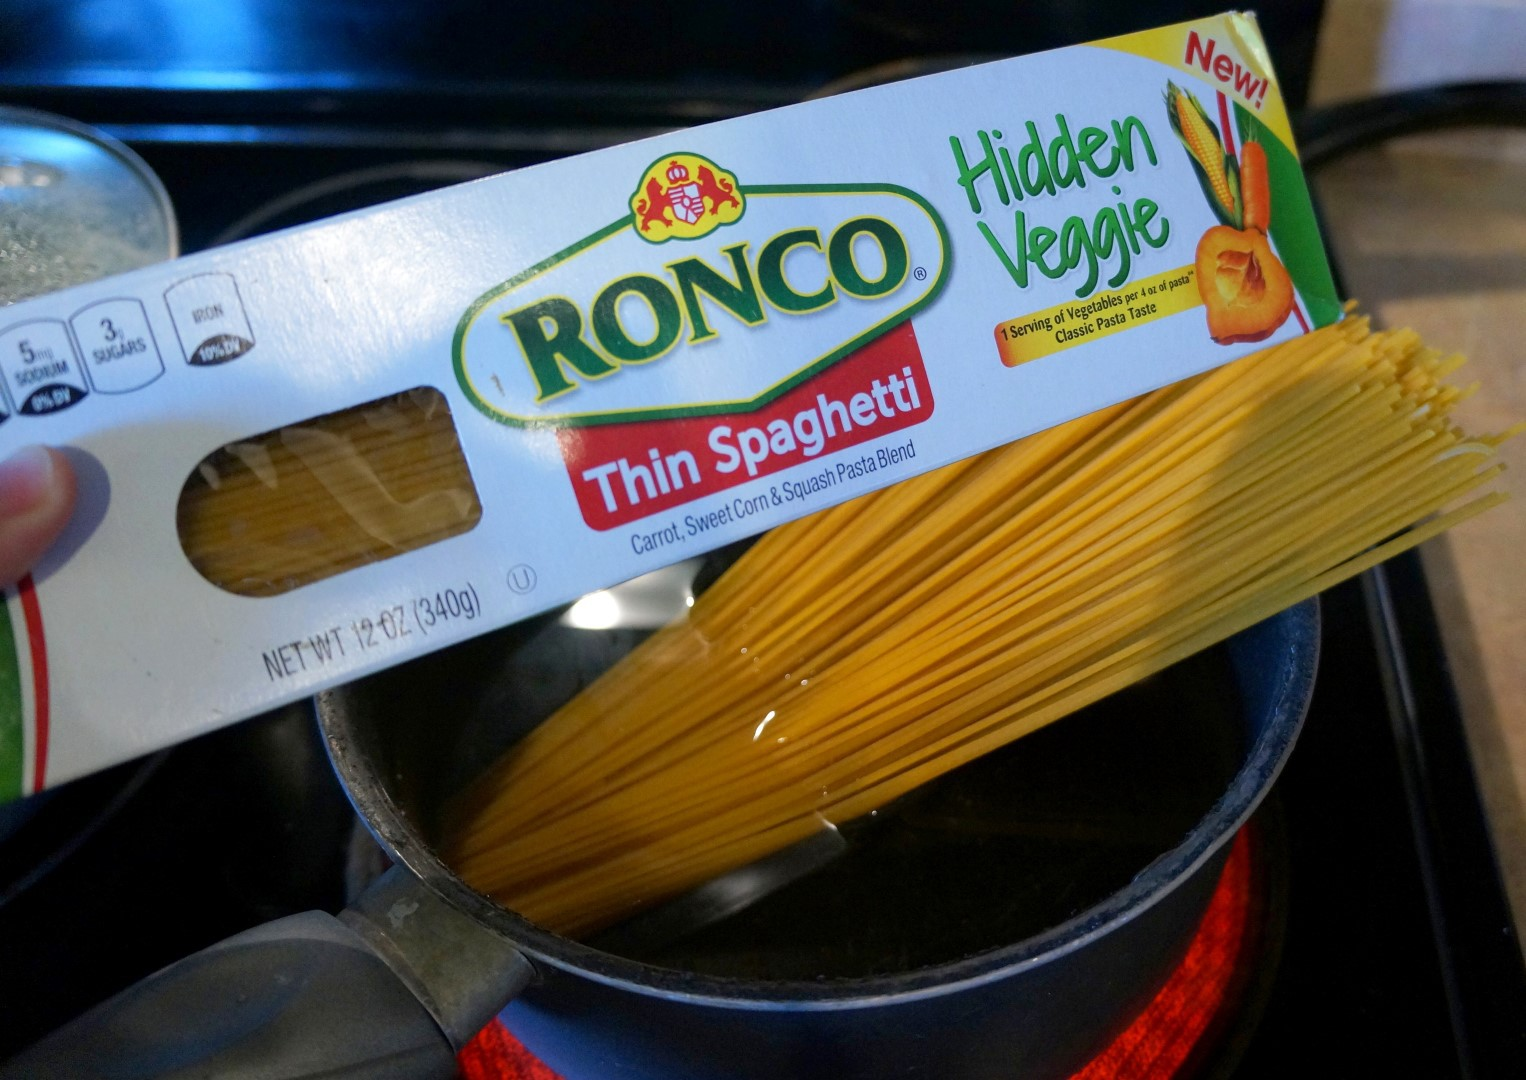 Ronco Pasta Spaghetti